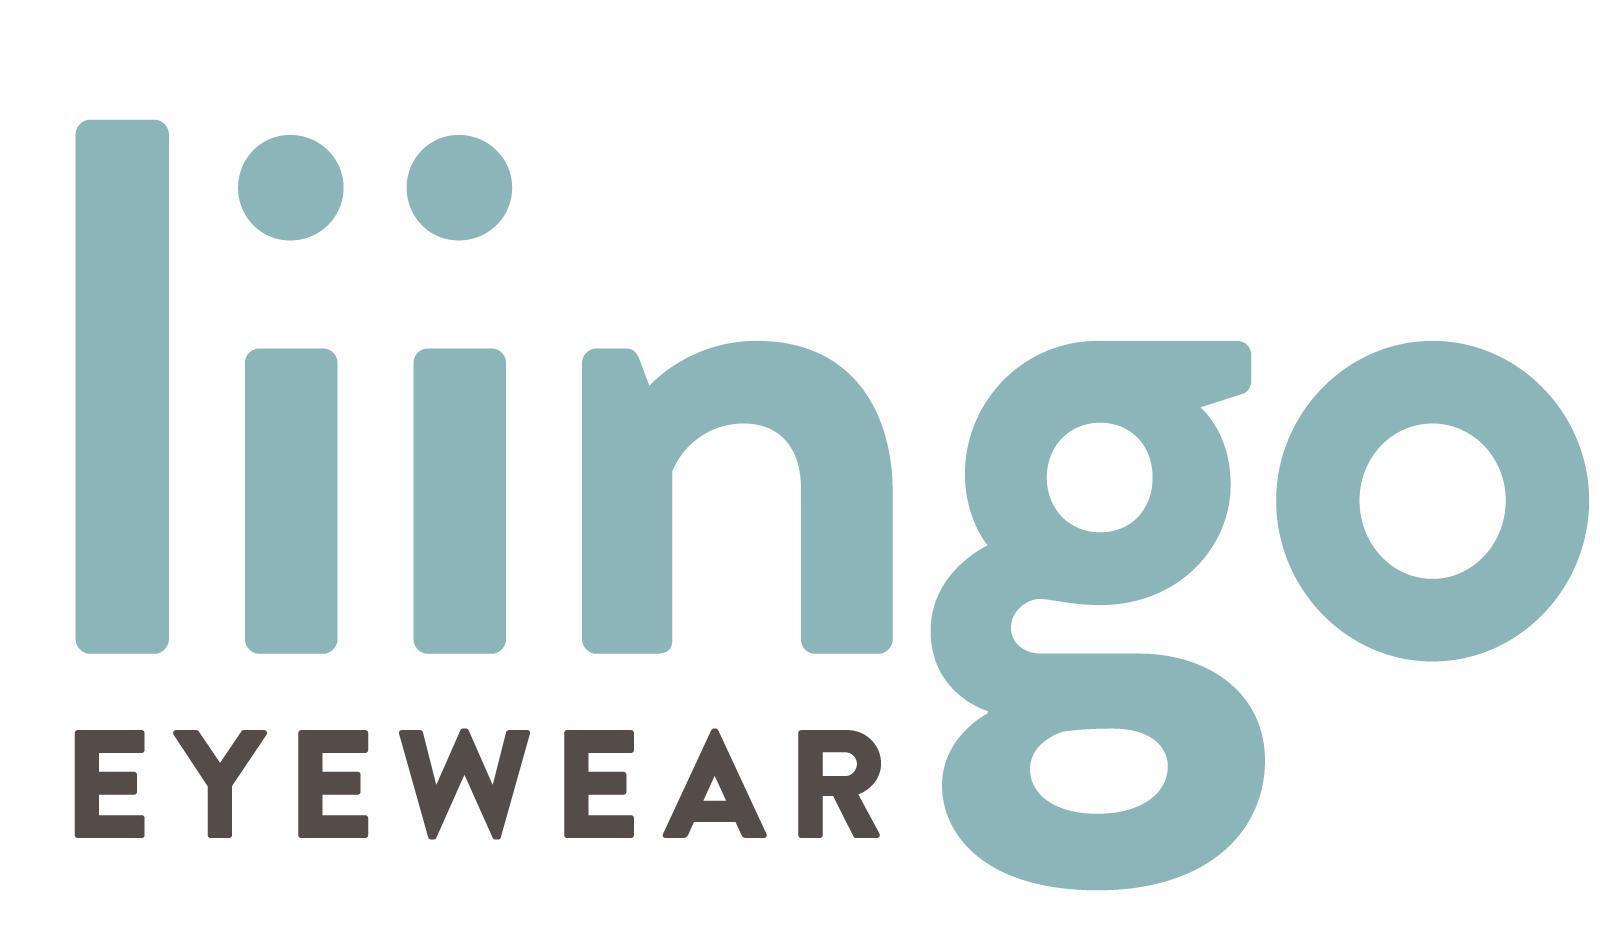 b1ceaac6cadf Liingo Eyewear Competitors